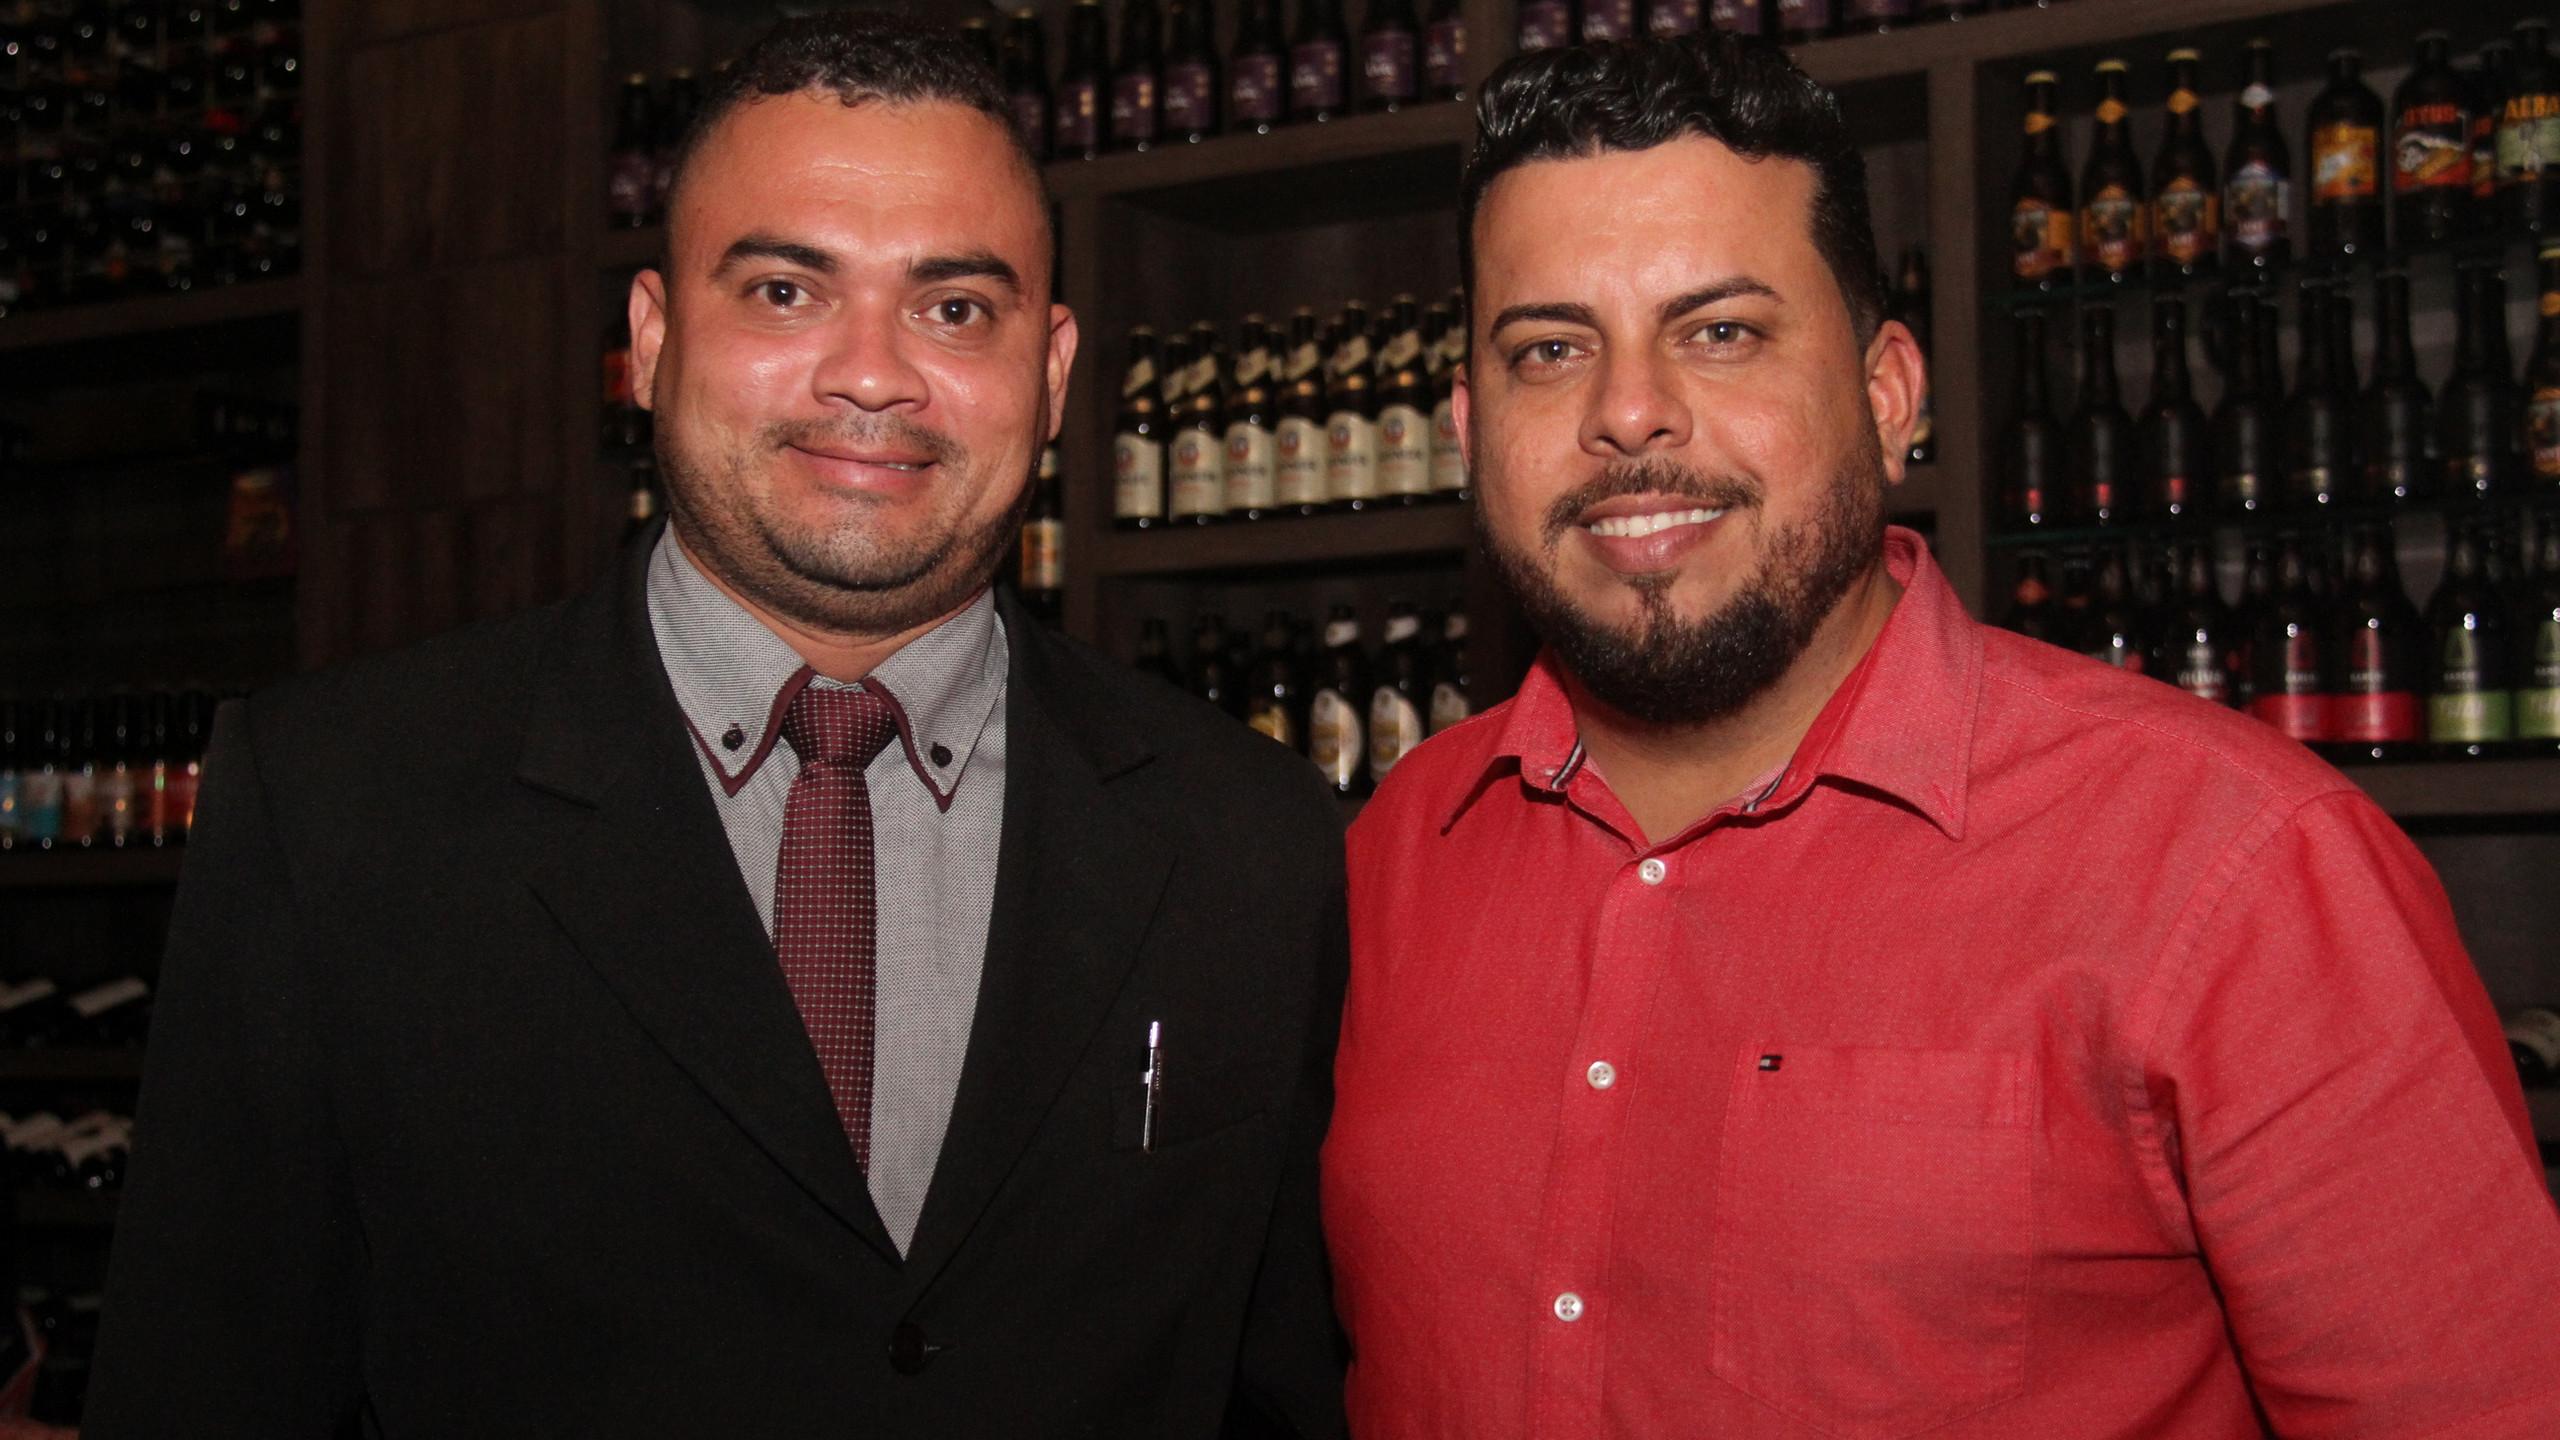 Luciano e Werther Bandeira, que comandaram a organização do evento na Villa do Vinho.